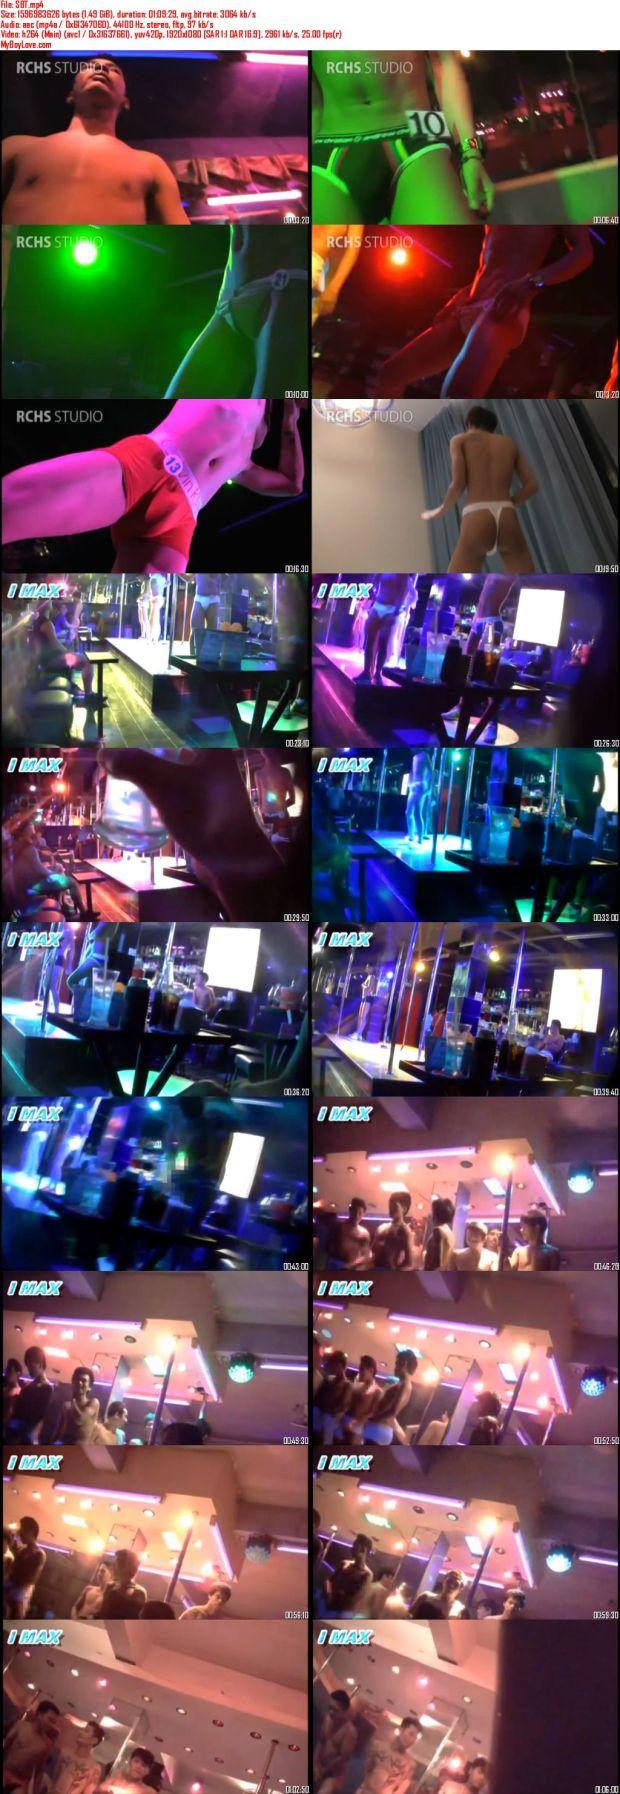 Rchs Studio – 少年たちの売春 (タイの闇)